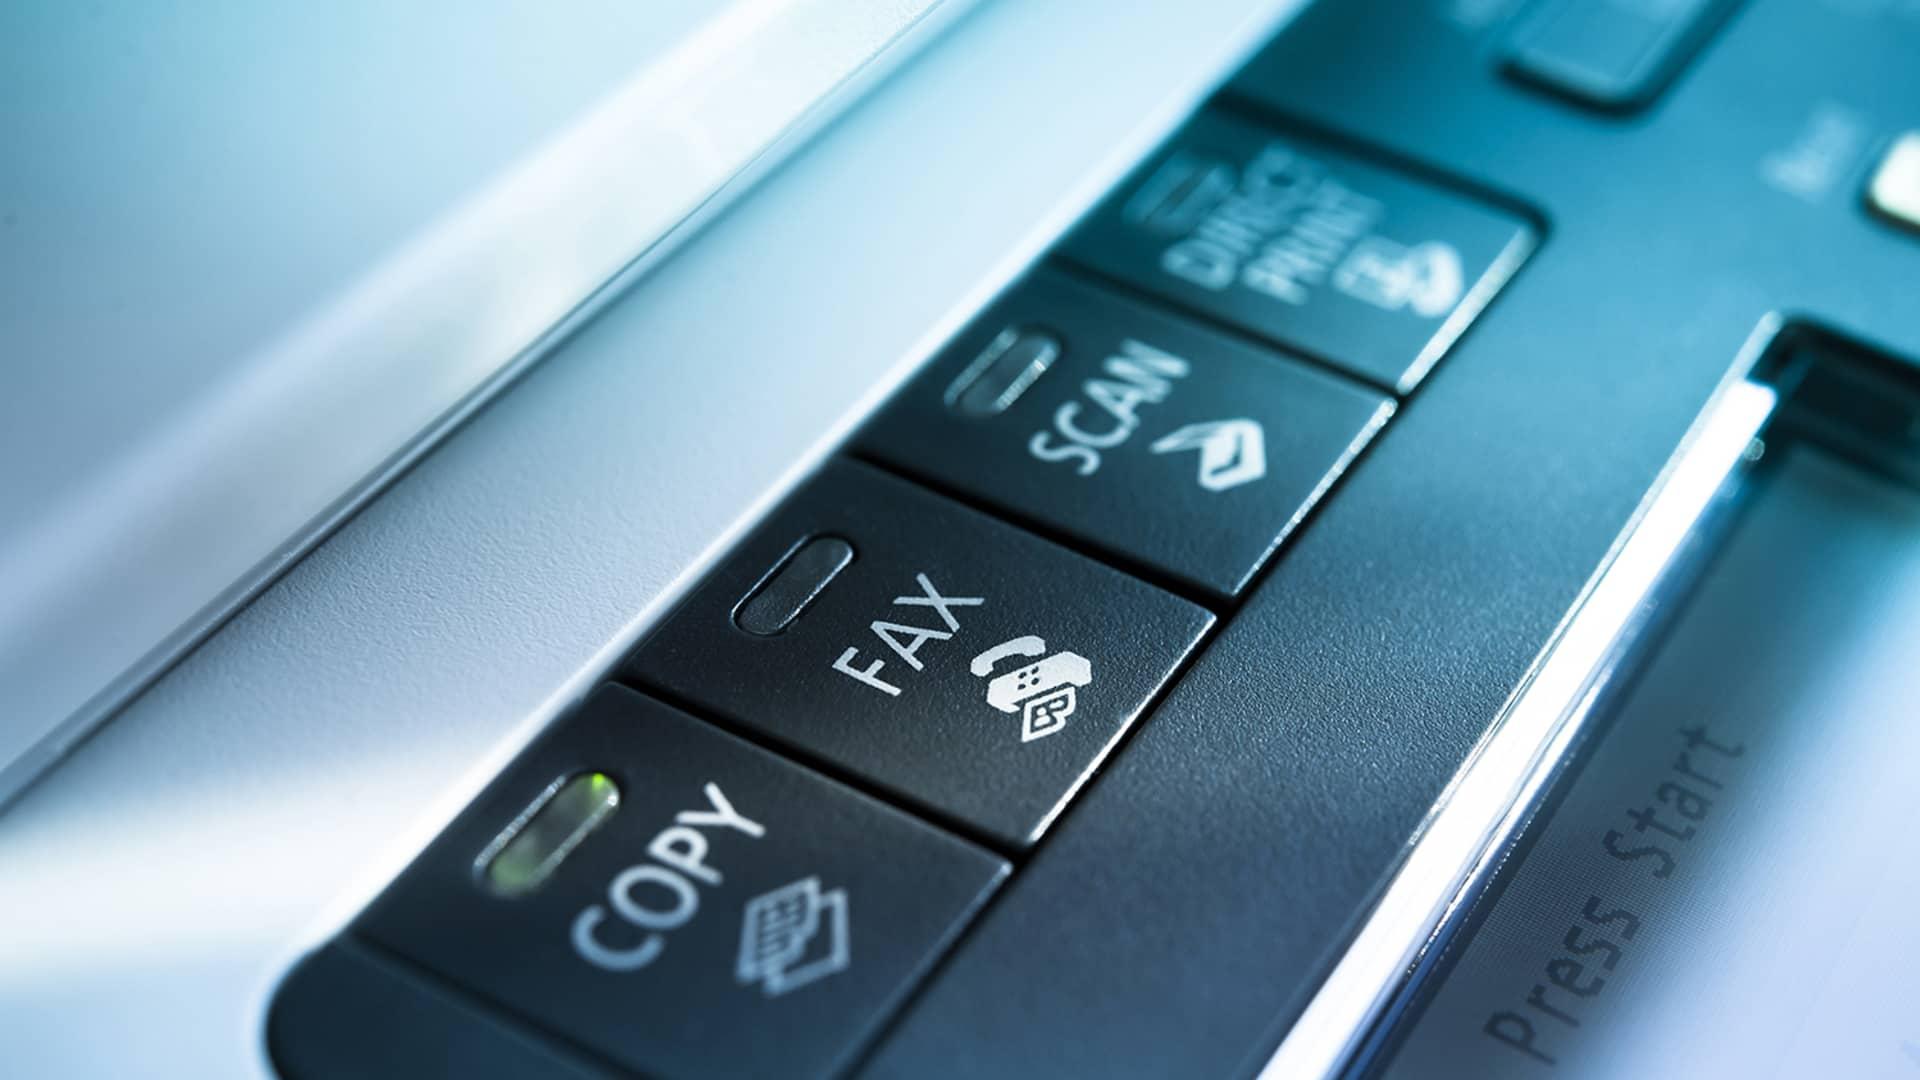 VDE: Warnung vor alten Faxgeräten und All-in-One-Druckern